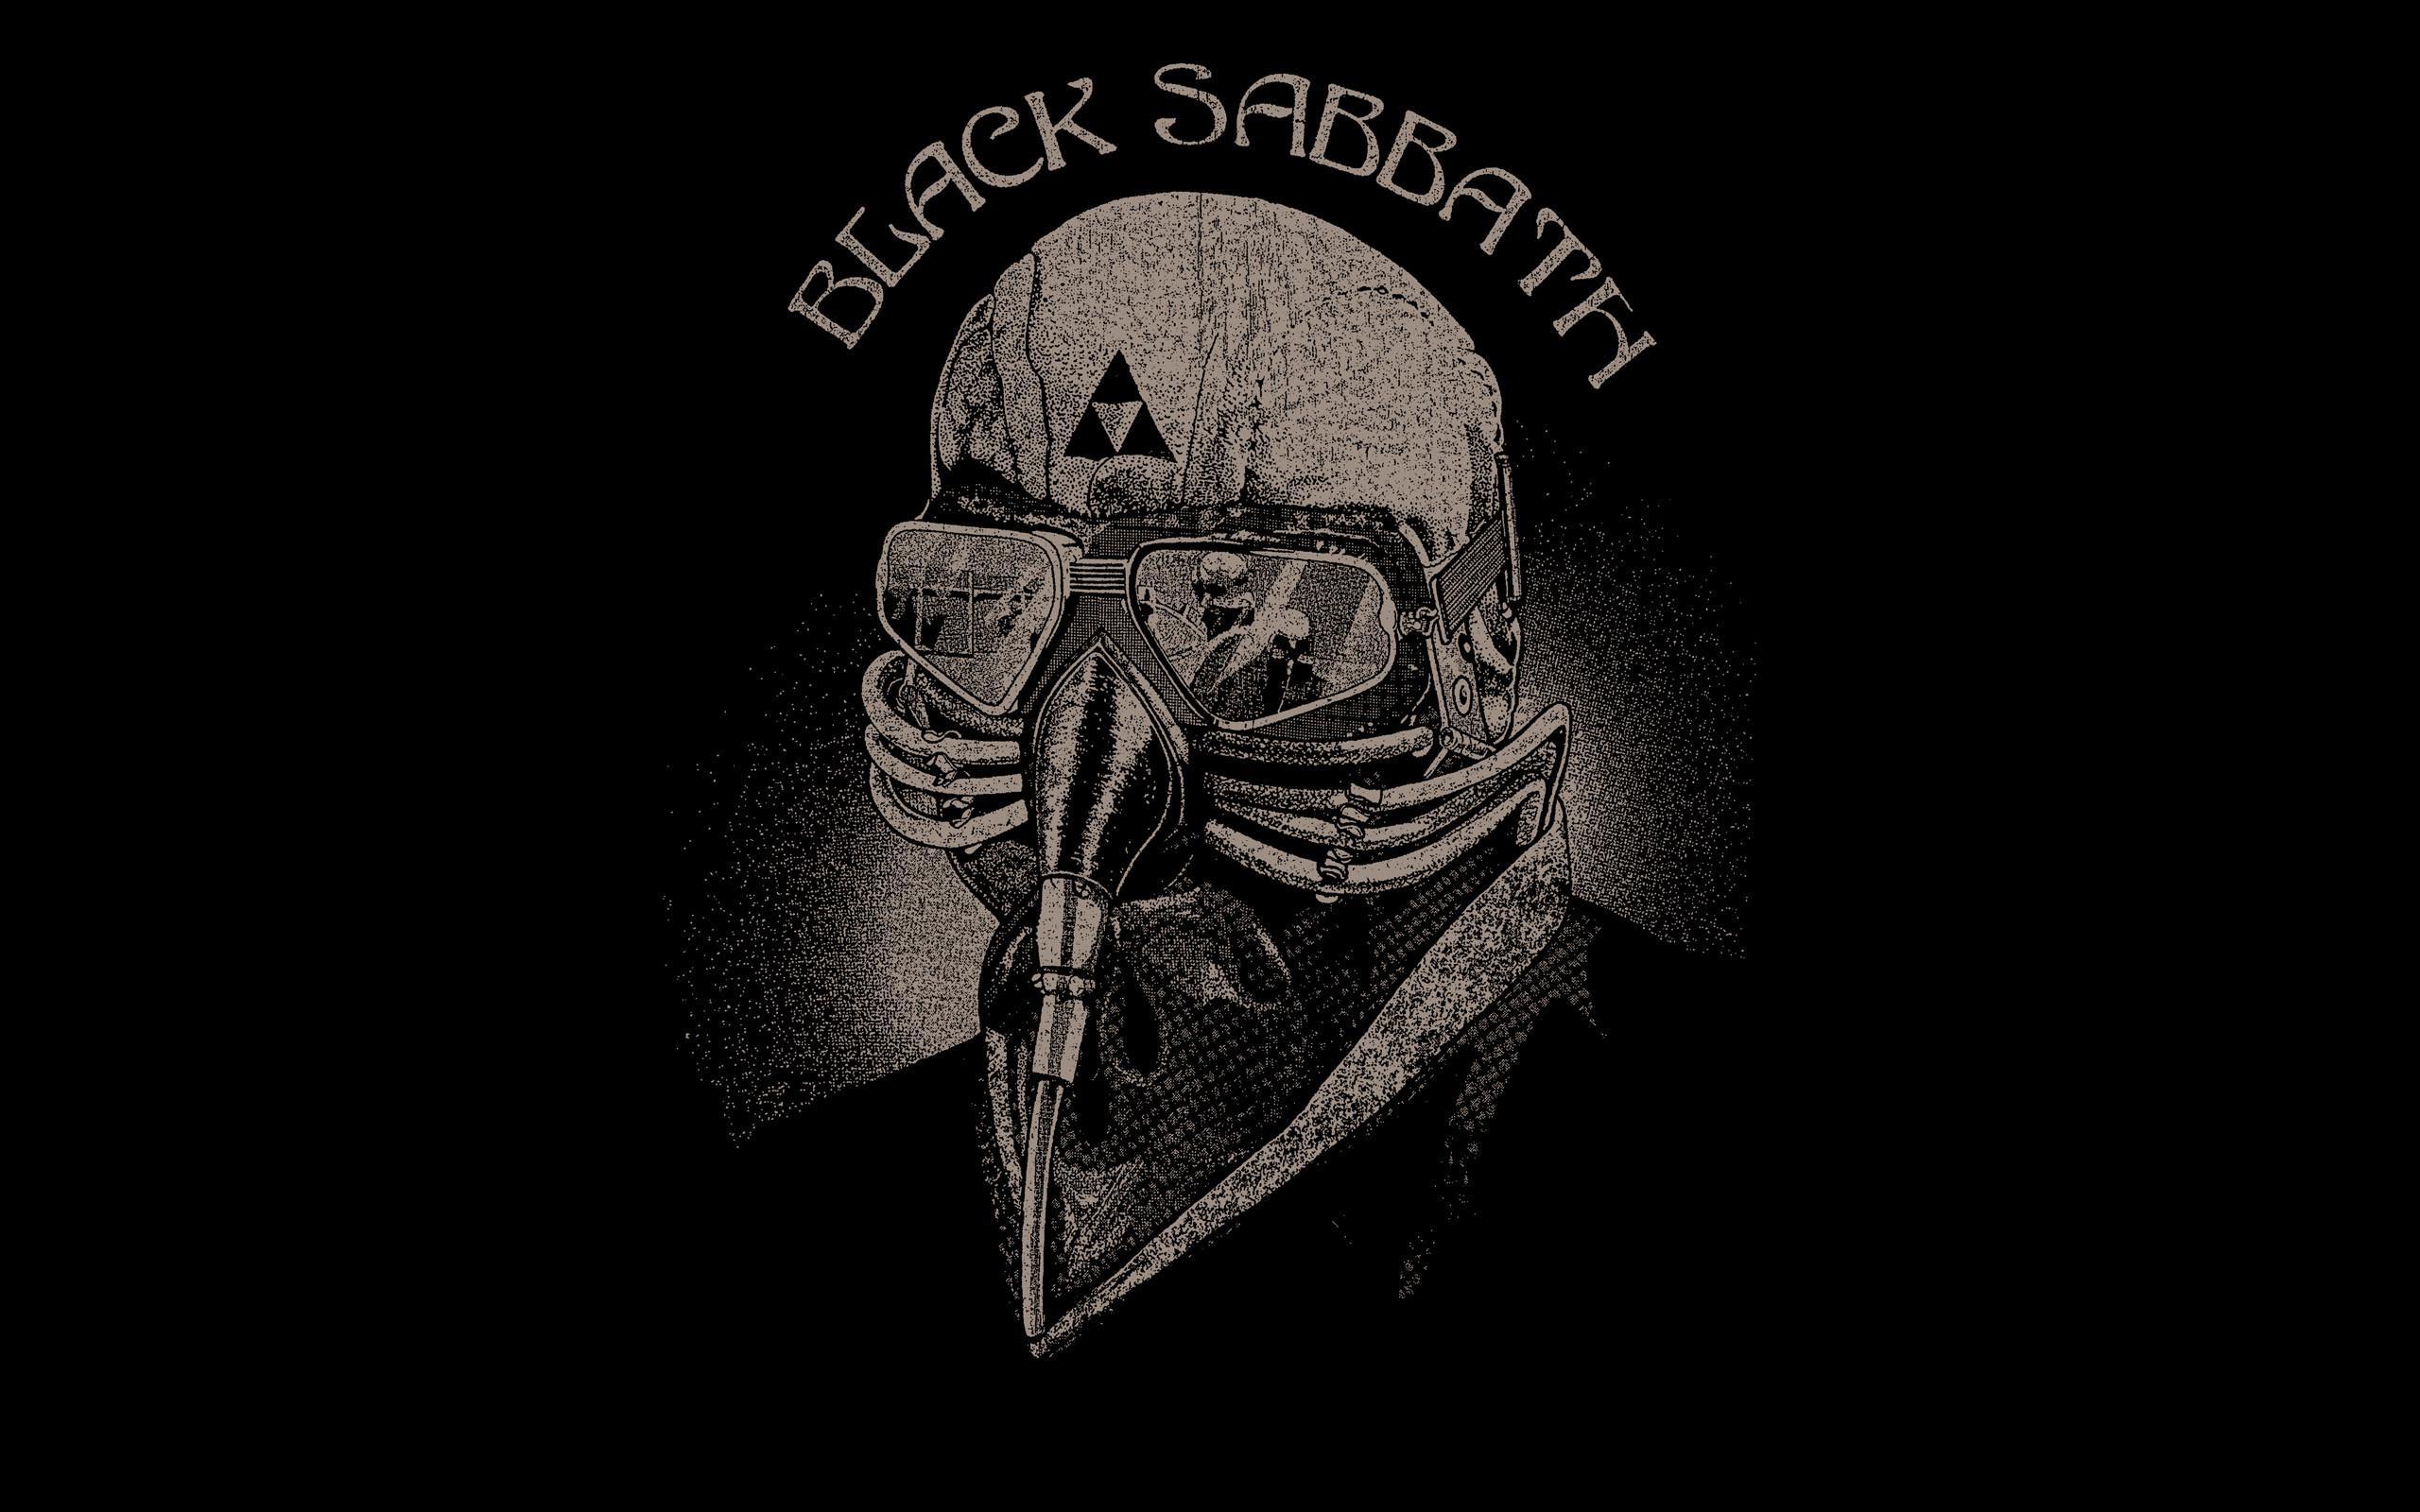 Black Sabbath: Never Say Die [2560×1600] …